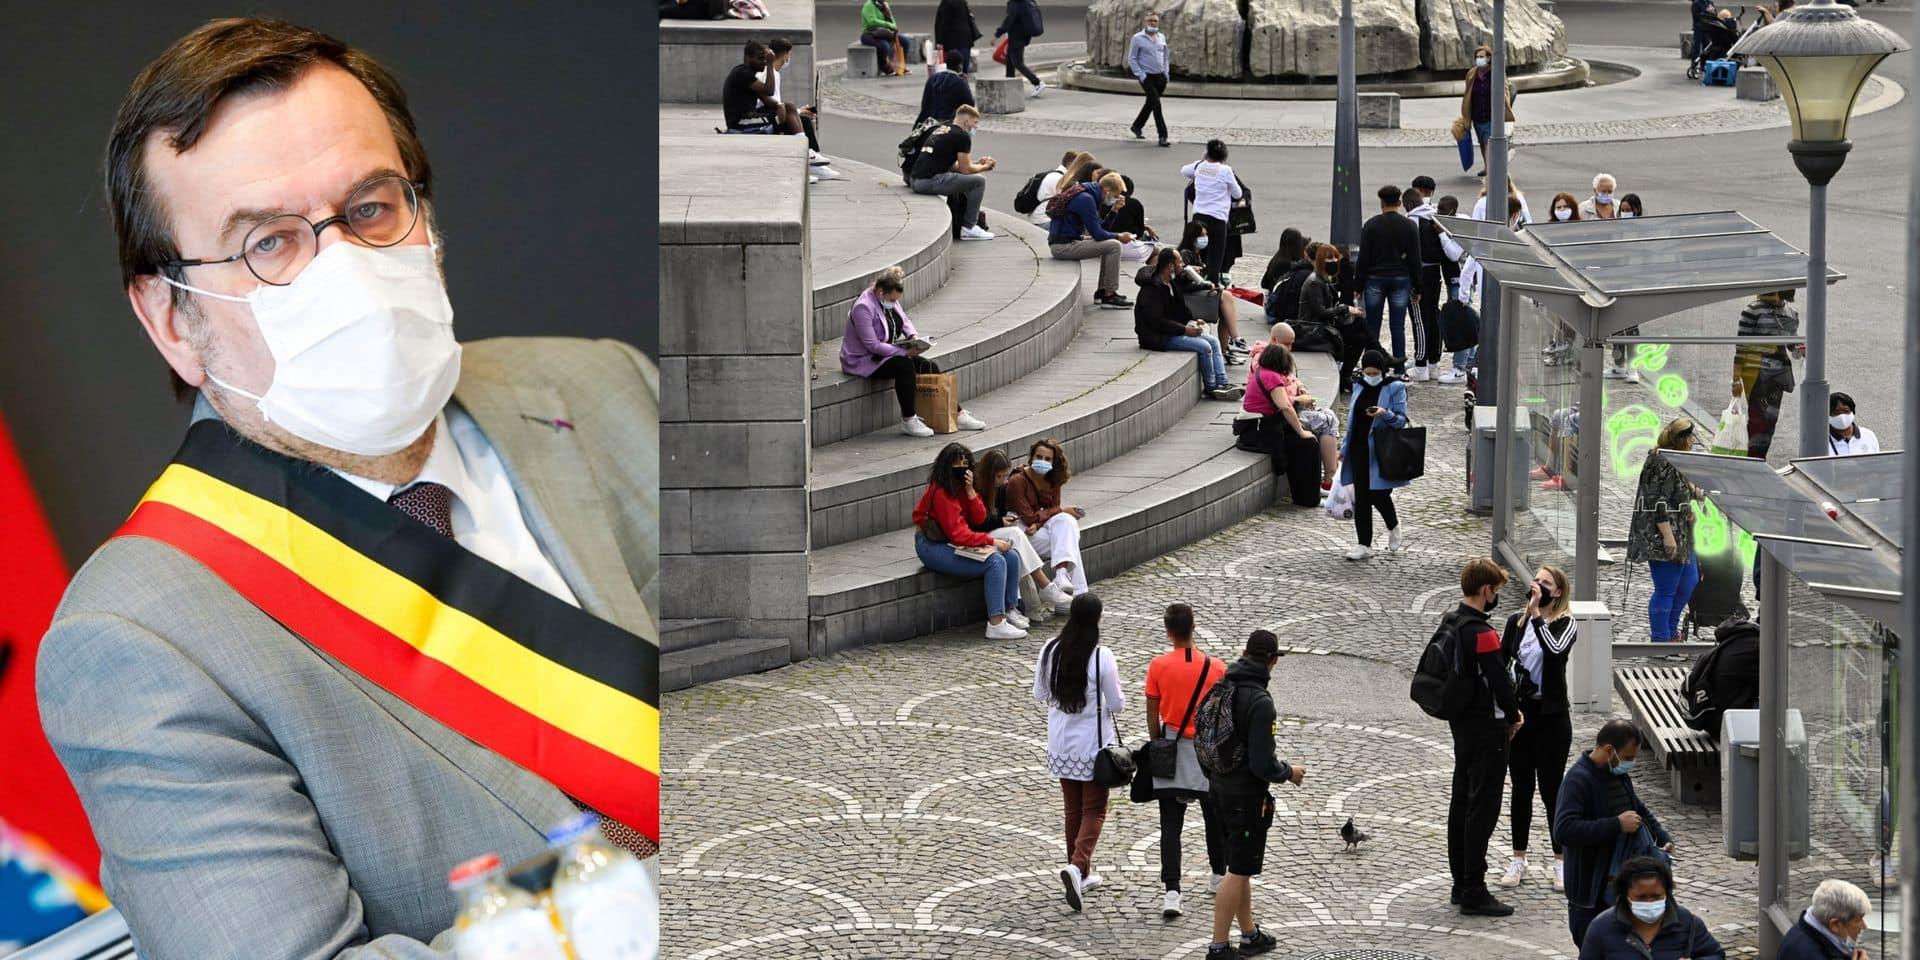 """Le bourgmestre de Liège s'inquiète: """"Il y a un effet rentrée scolaire et un problème de fêtes clandestines: il faut trouver une réponse !"""""""